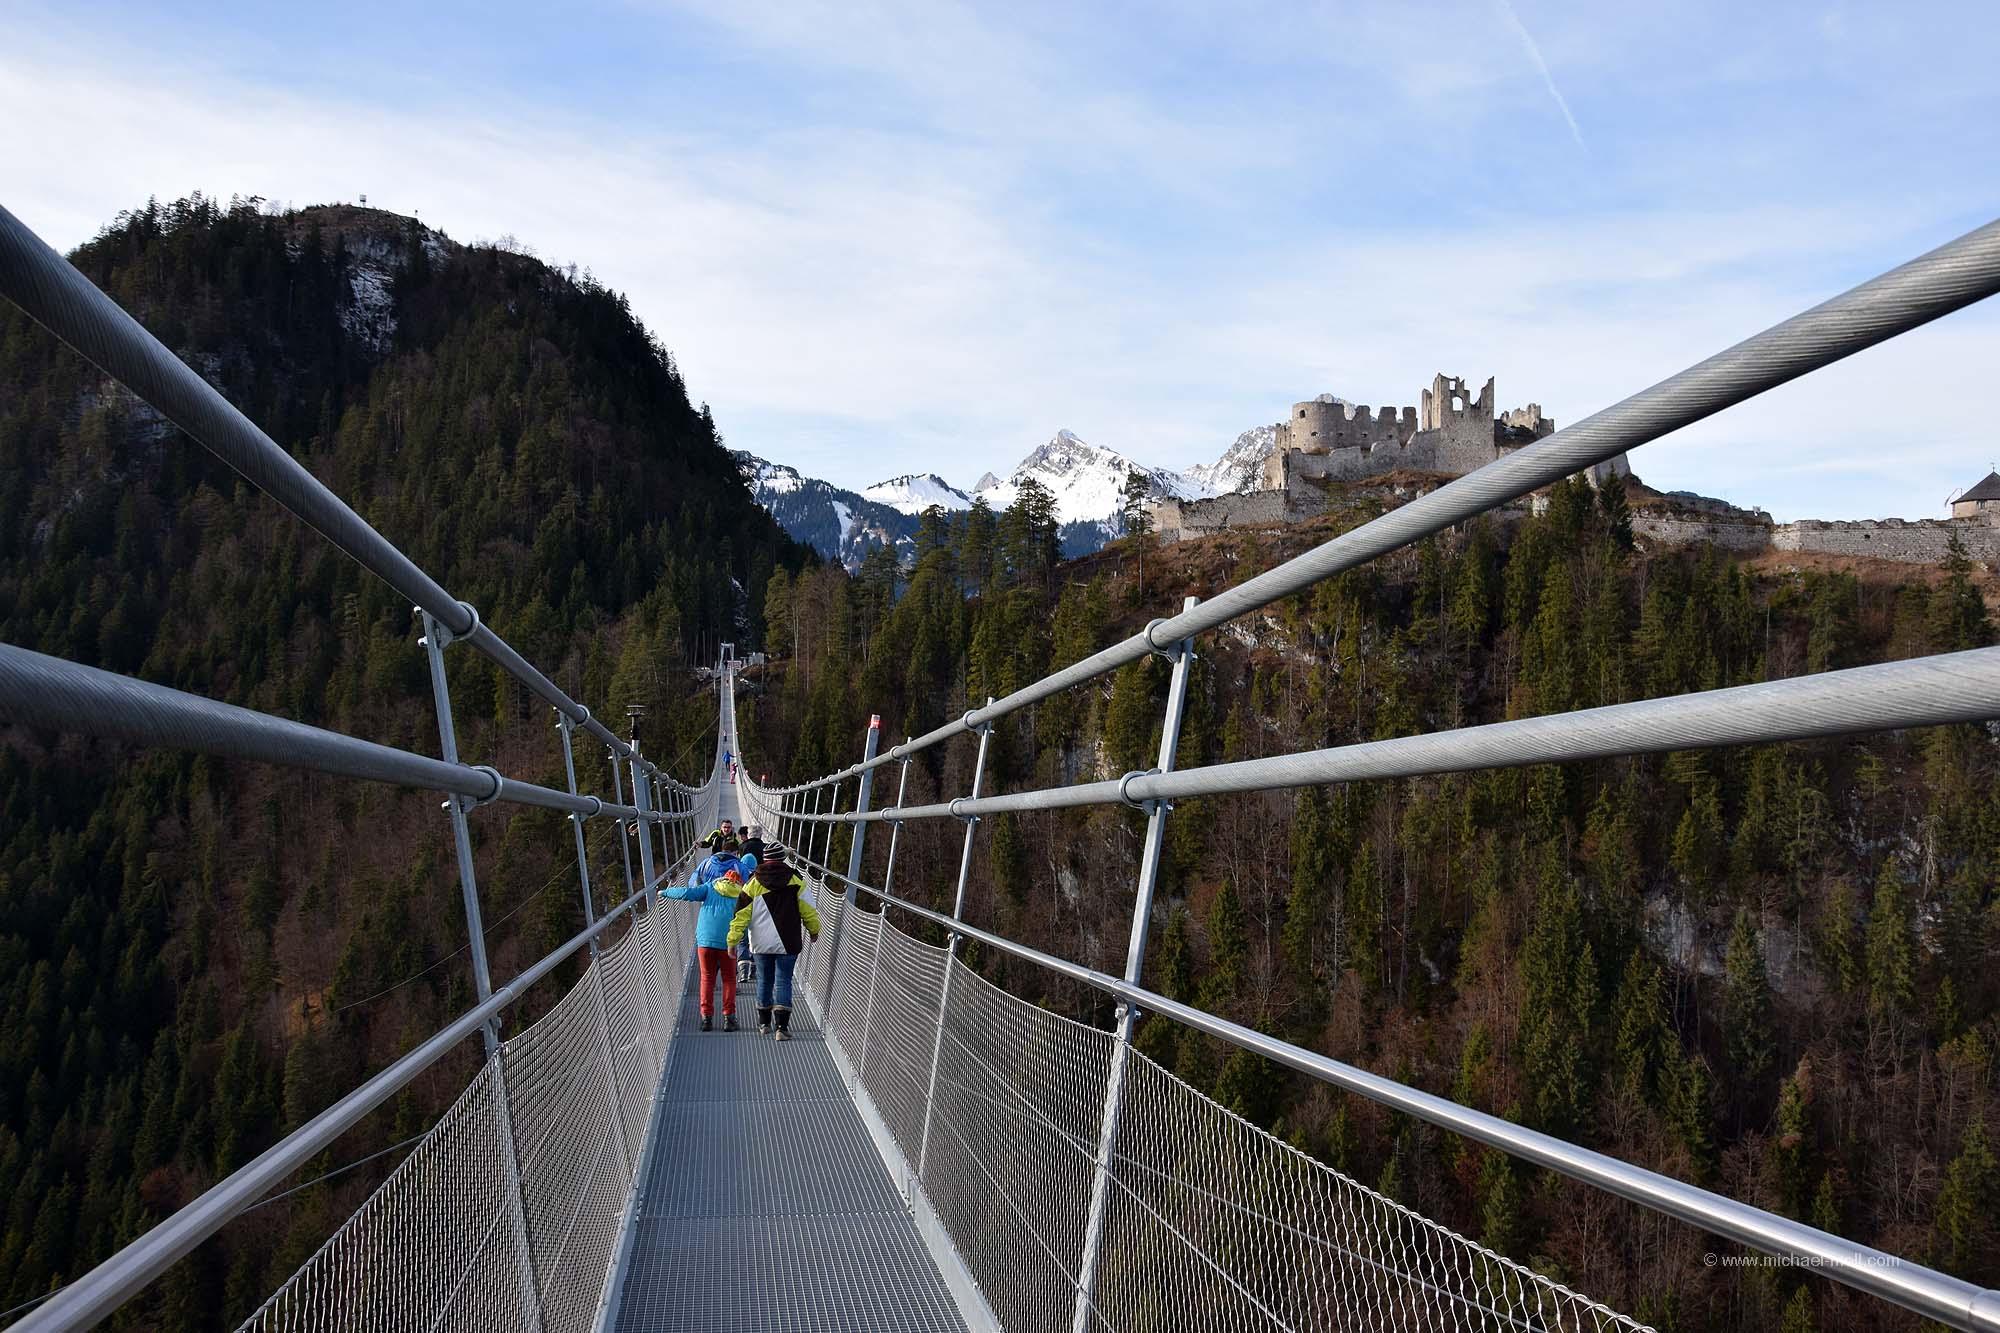 Spaziergang auf der highline179